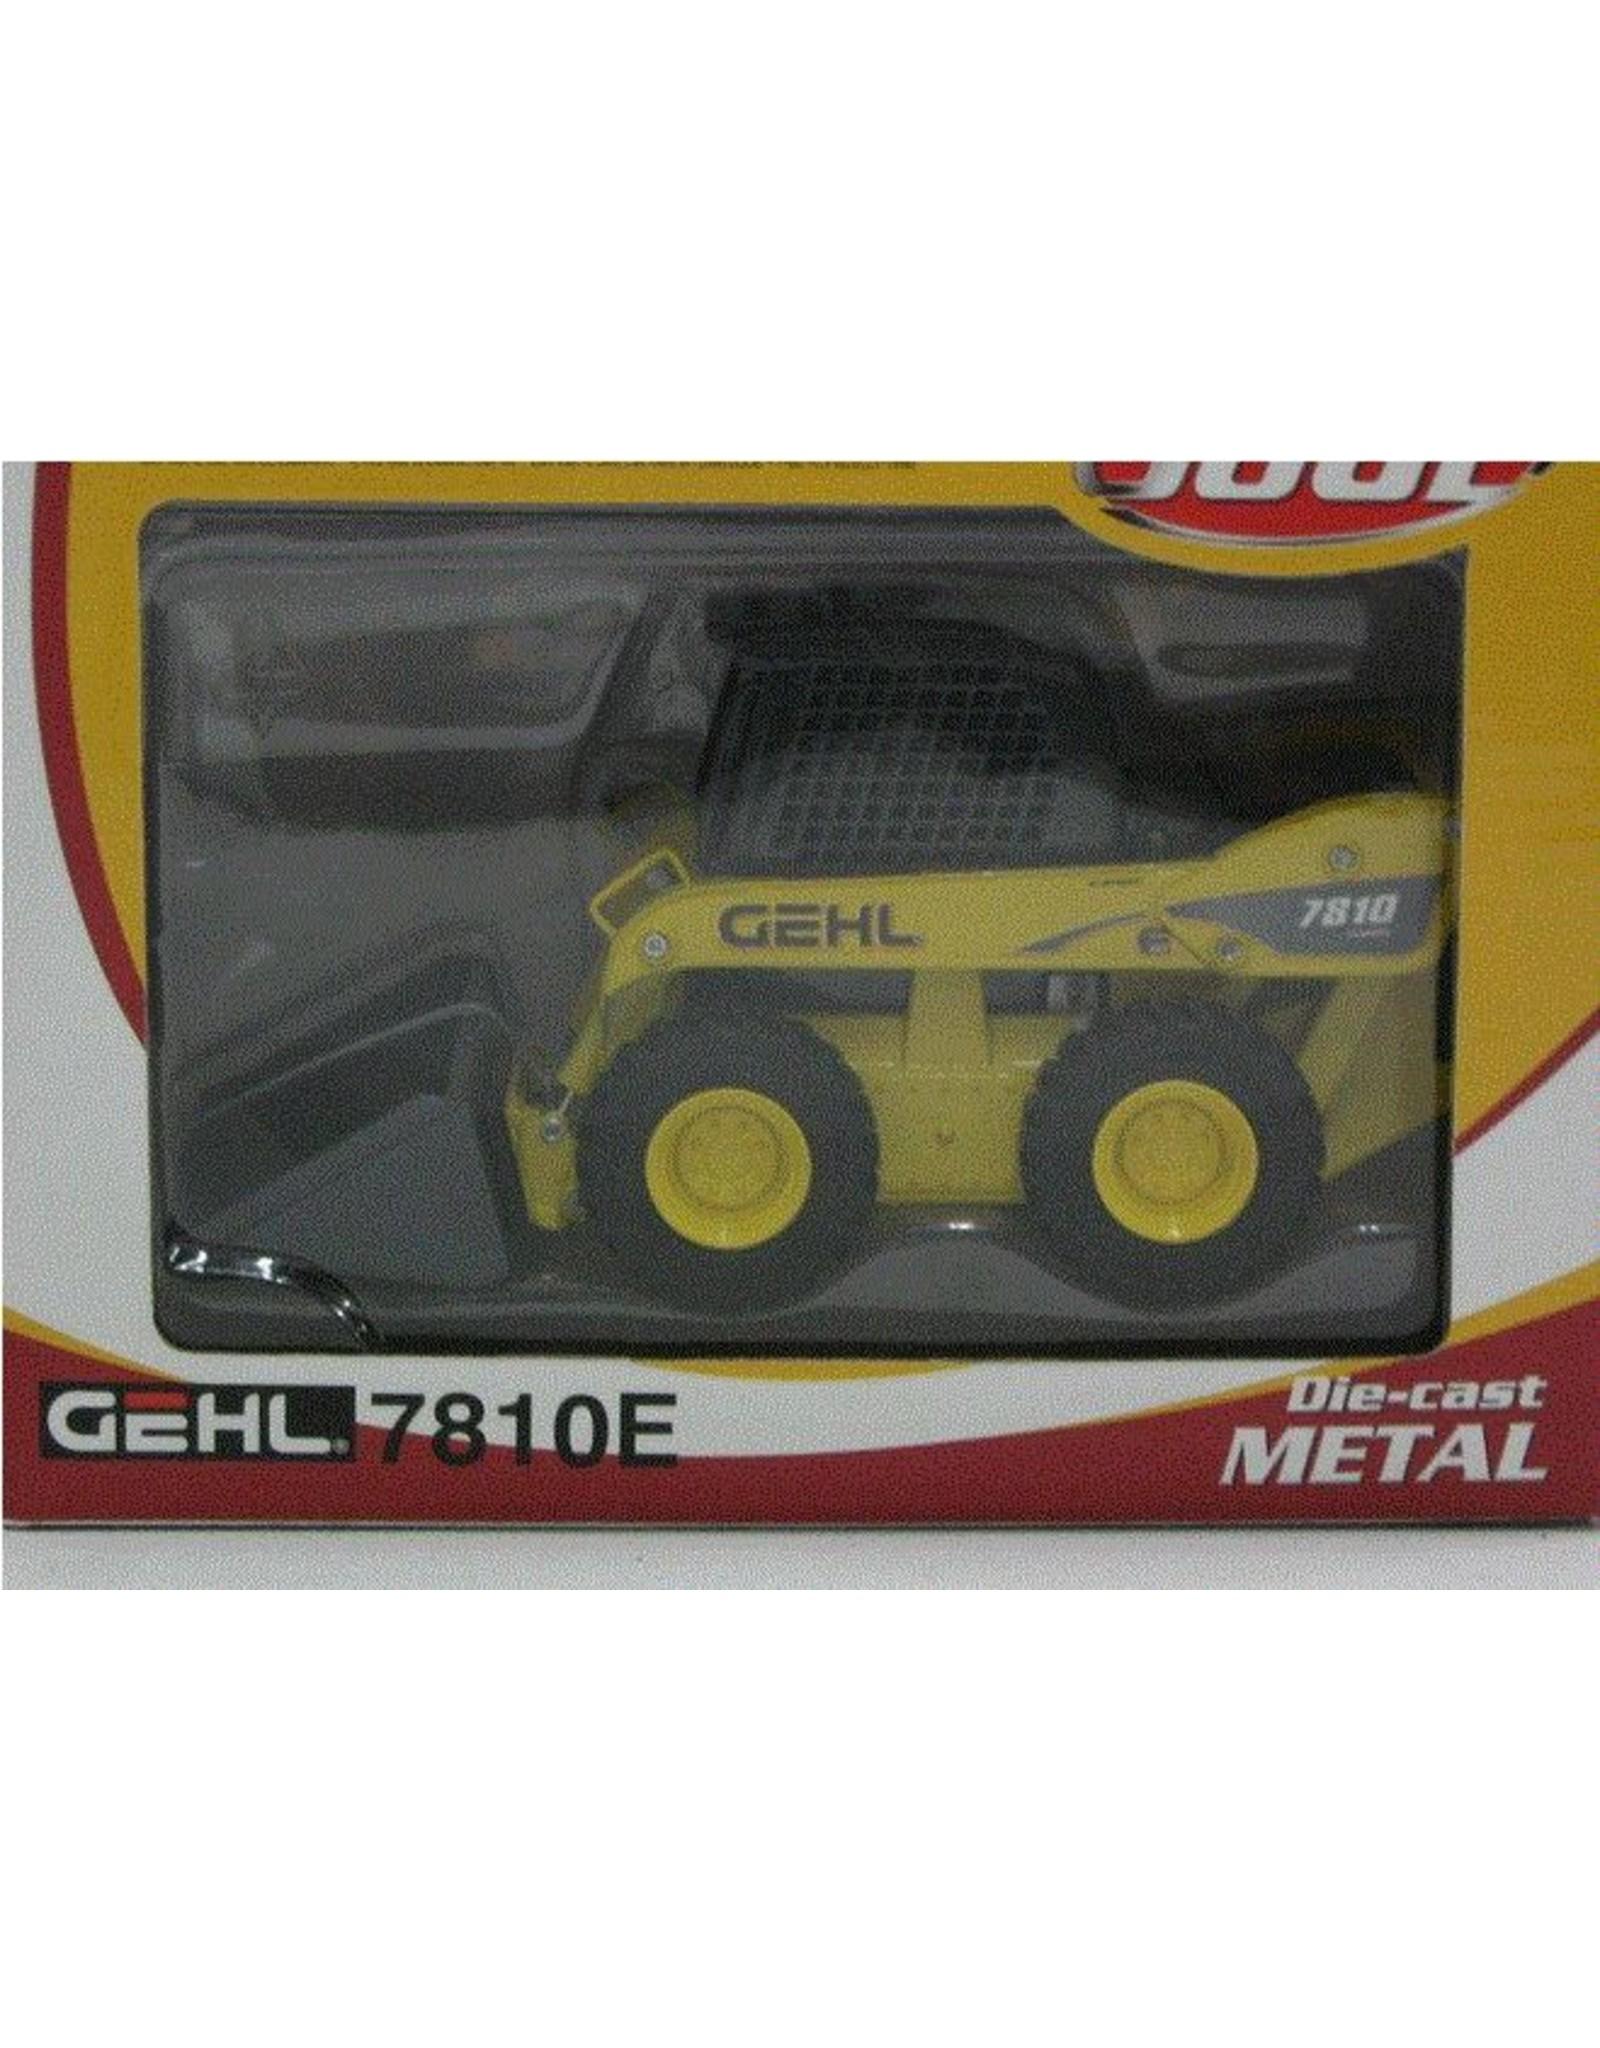 Gehl Gehl 7810 Turbo - Joal